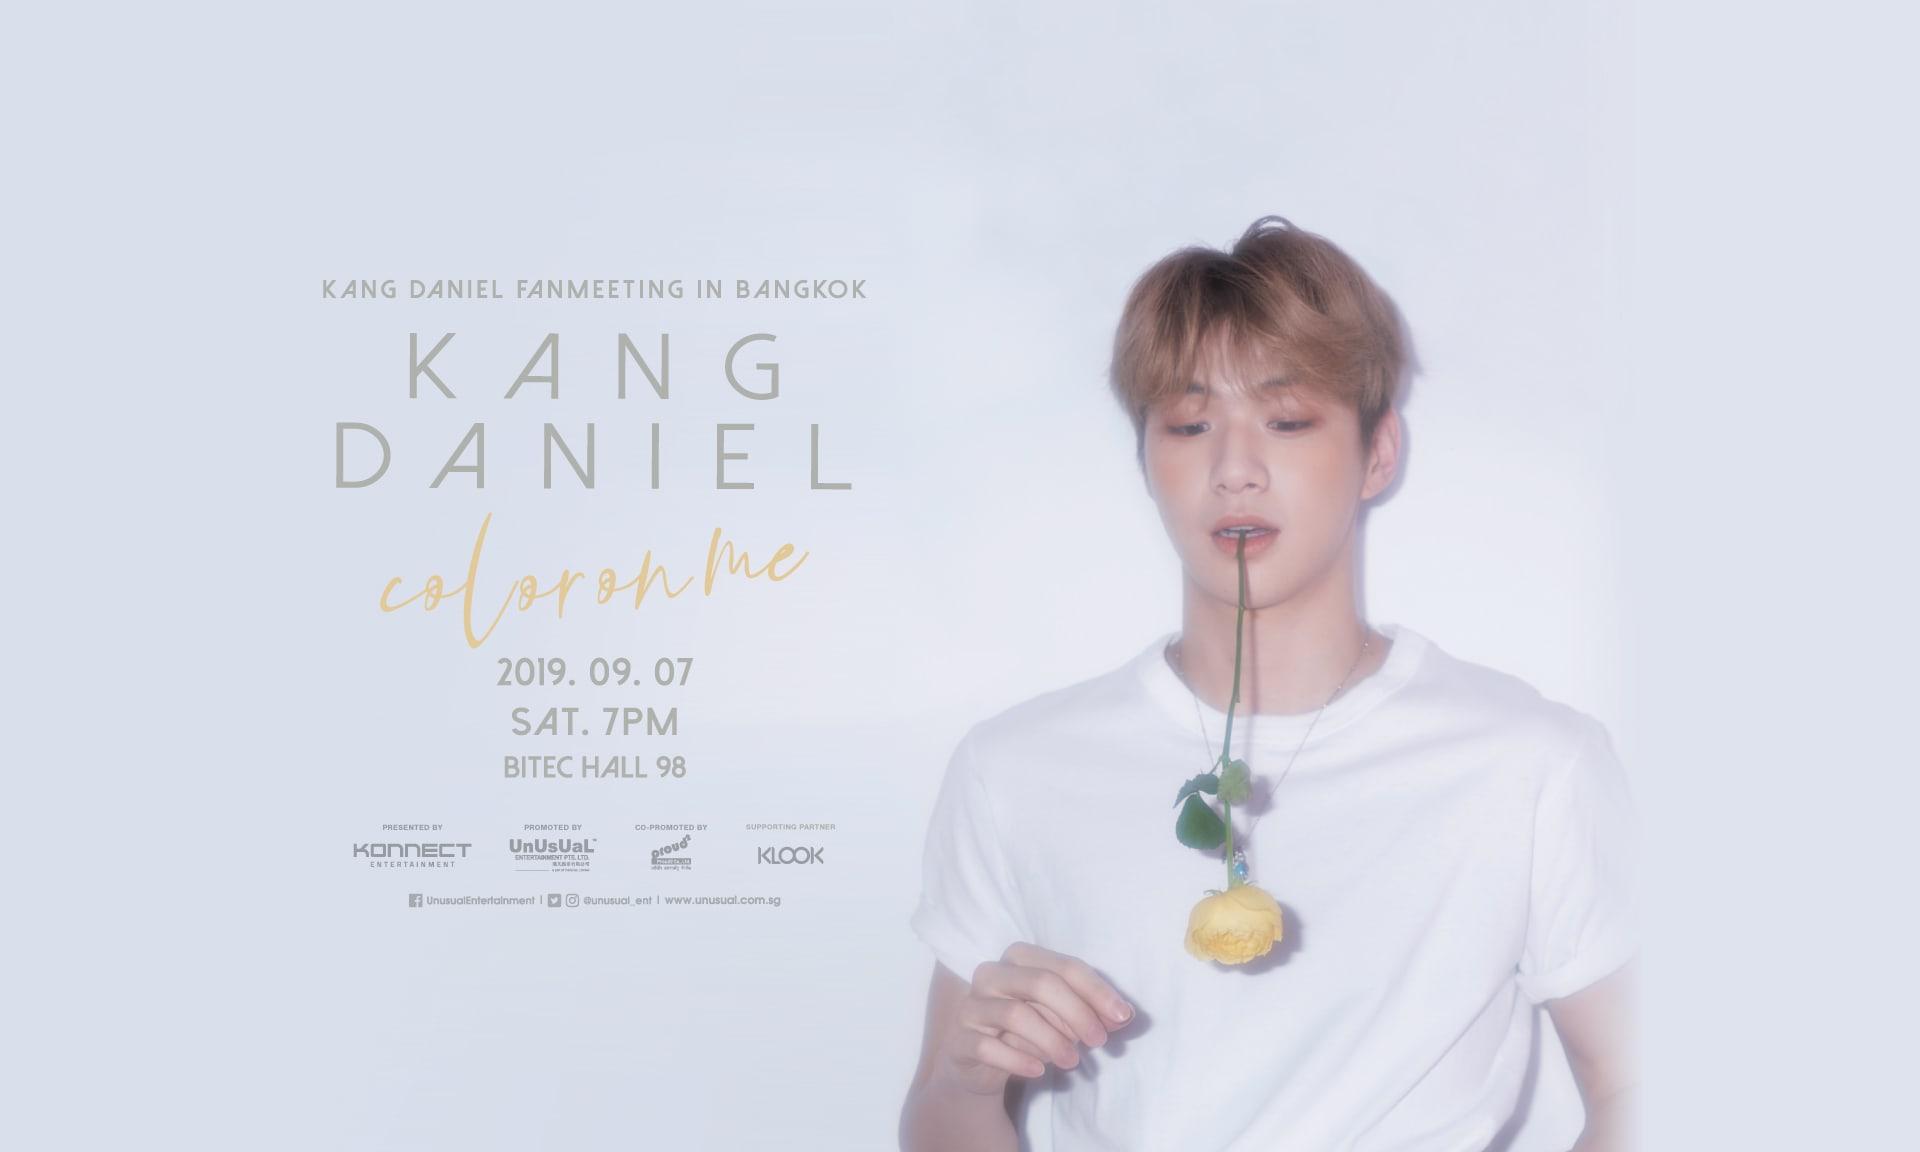 kang daniel fanmeeting in bangkok klook